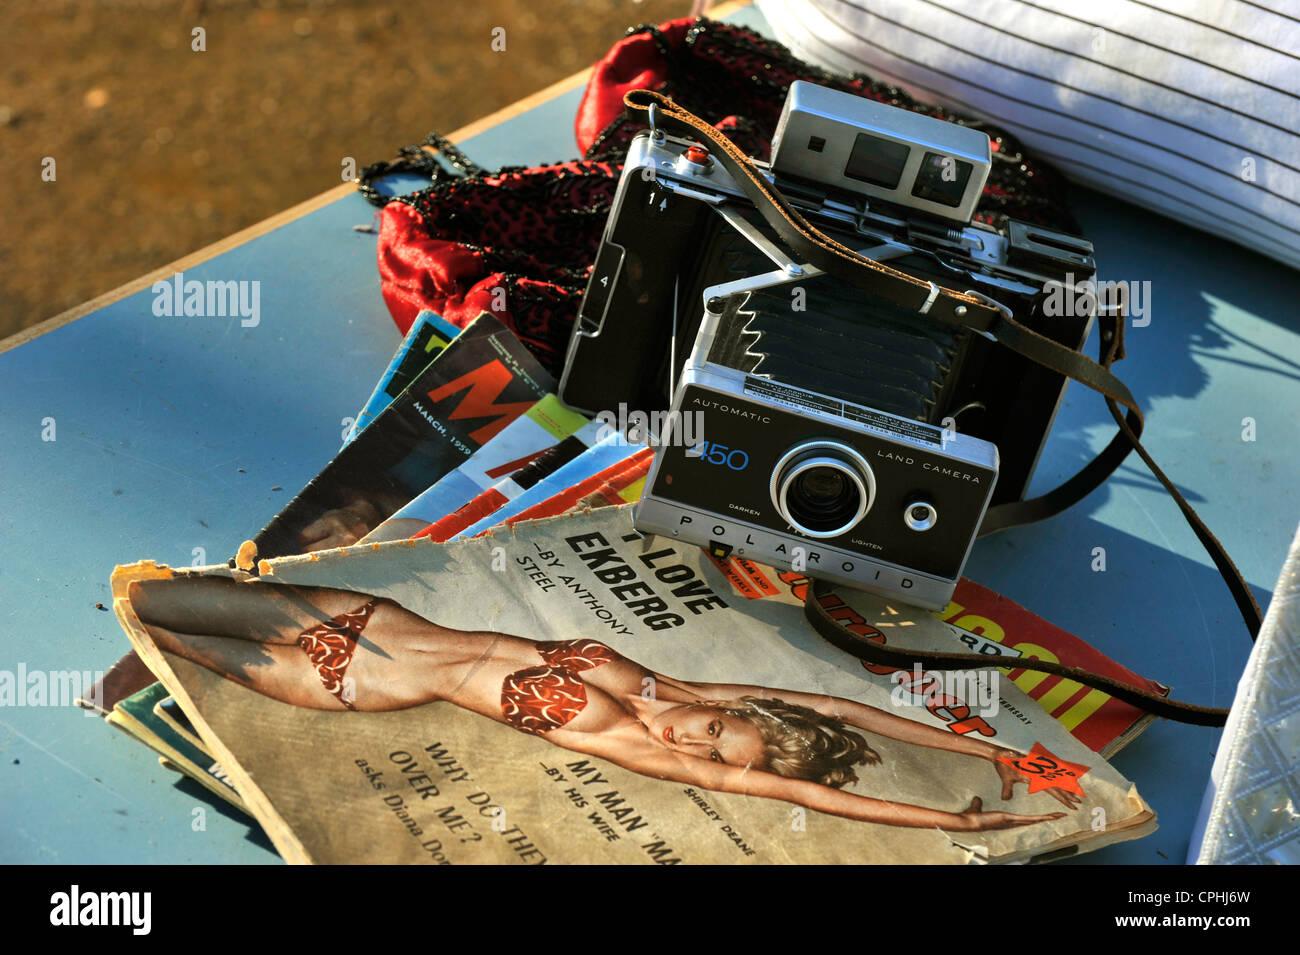 De vieux souvenirs à vendre à une vente de garage Photo Stock